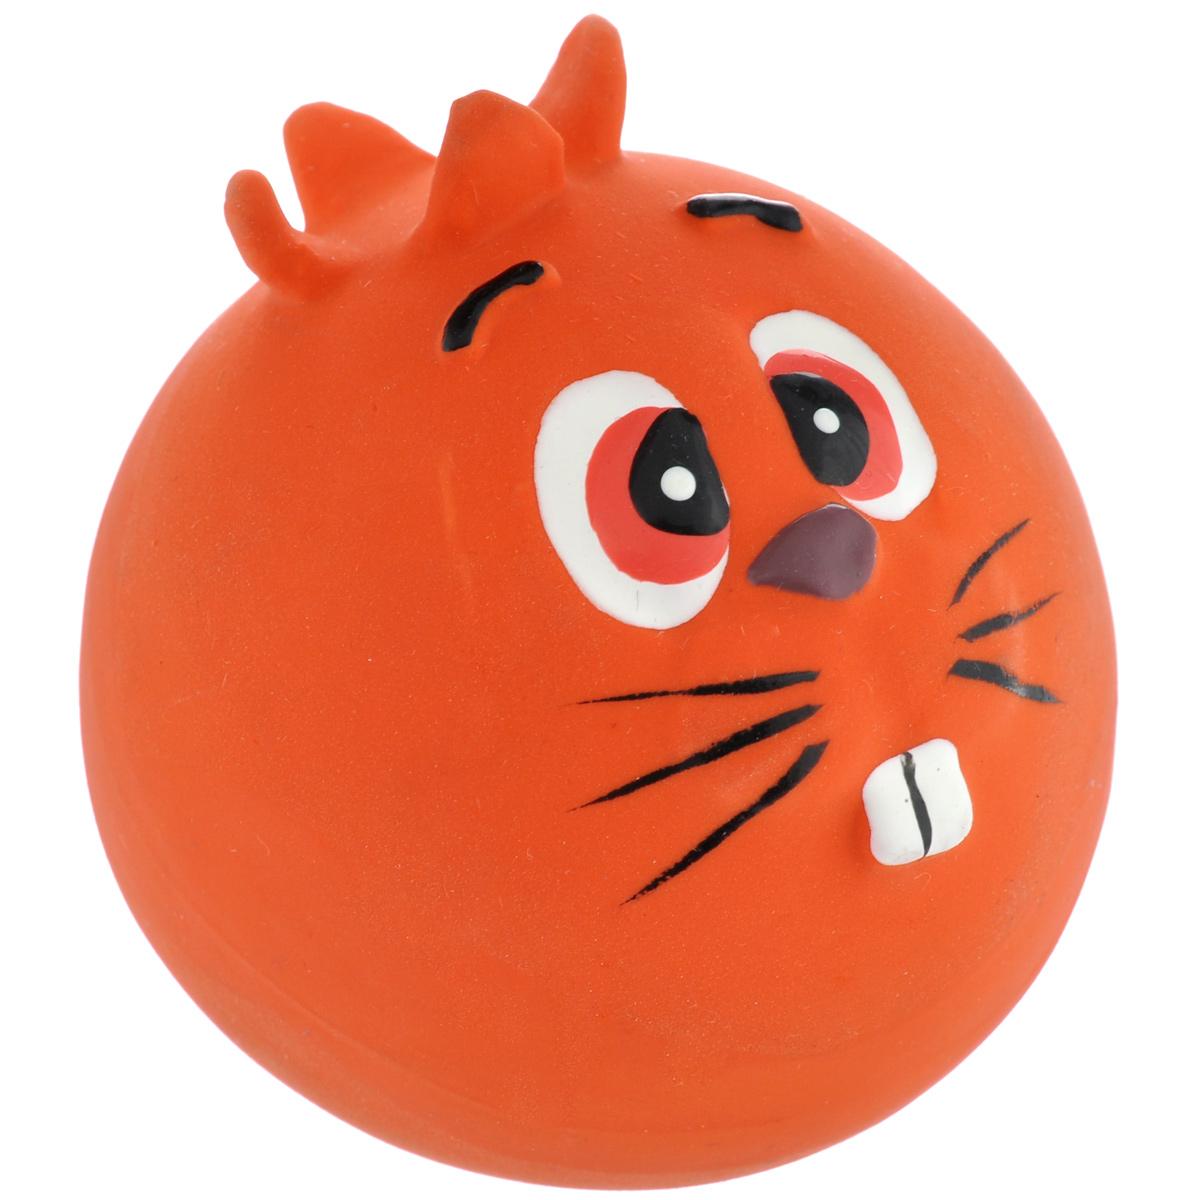 Игрушка для собак I.P.T.S. Мяч с мордочкой, цвет: красный, диаметр 7 см0120710Игрушка для собак I.P.T.S. Мяч с мордочкой, изготовленная из высококачественного латекса, выполнена в виде мячика с милой мордочкой. Такая игрушка порадует вашего любимца, а вам доставит массу приятных эмоций, ведь наблюдать за игрой всегда интересно и приятно. Оставшись в одиночестве, ваша собака будет увлеченно играть.Диаметр: 7 см.